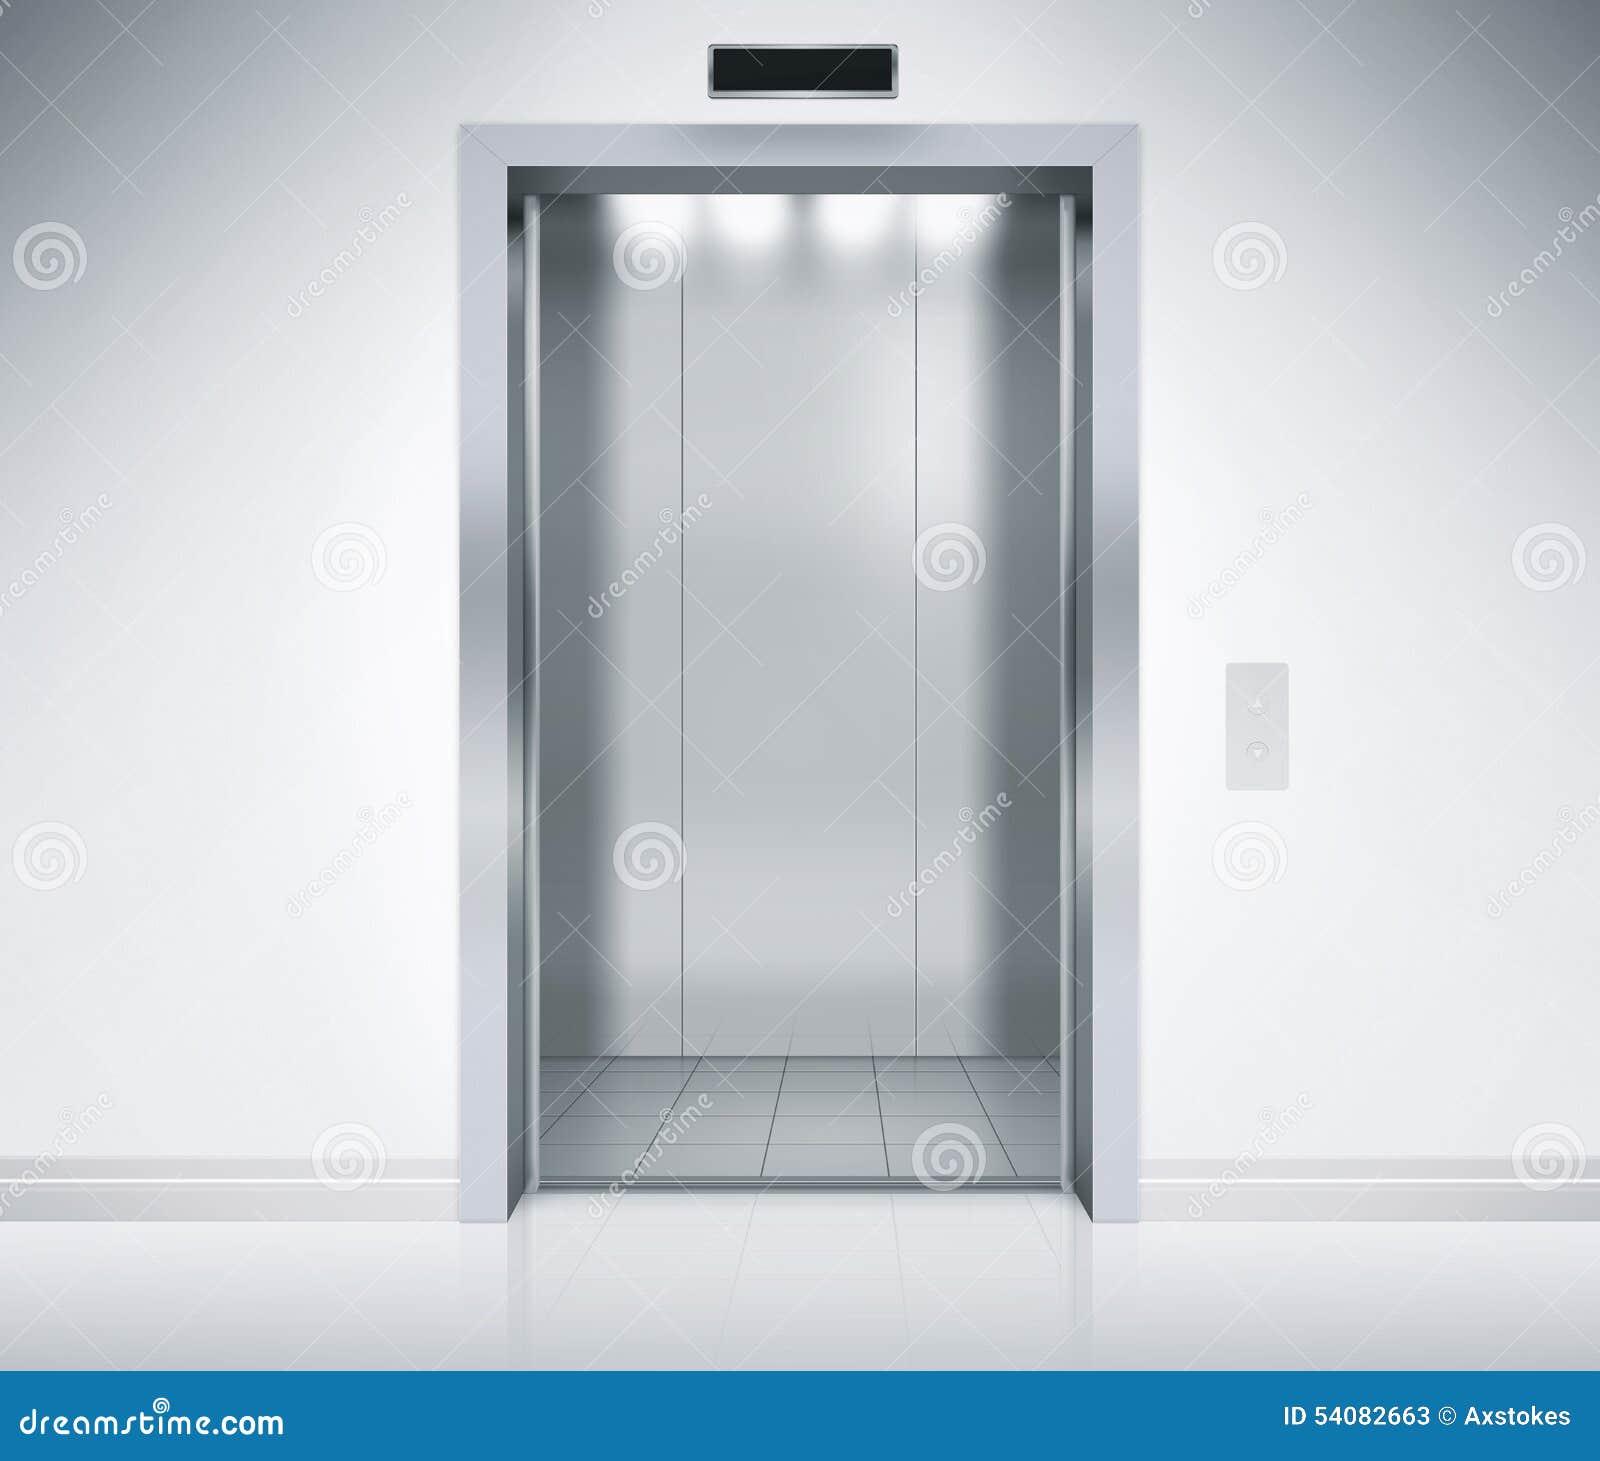 Elevator Doors Open Stock Image Image Of Going Building